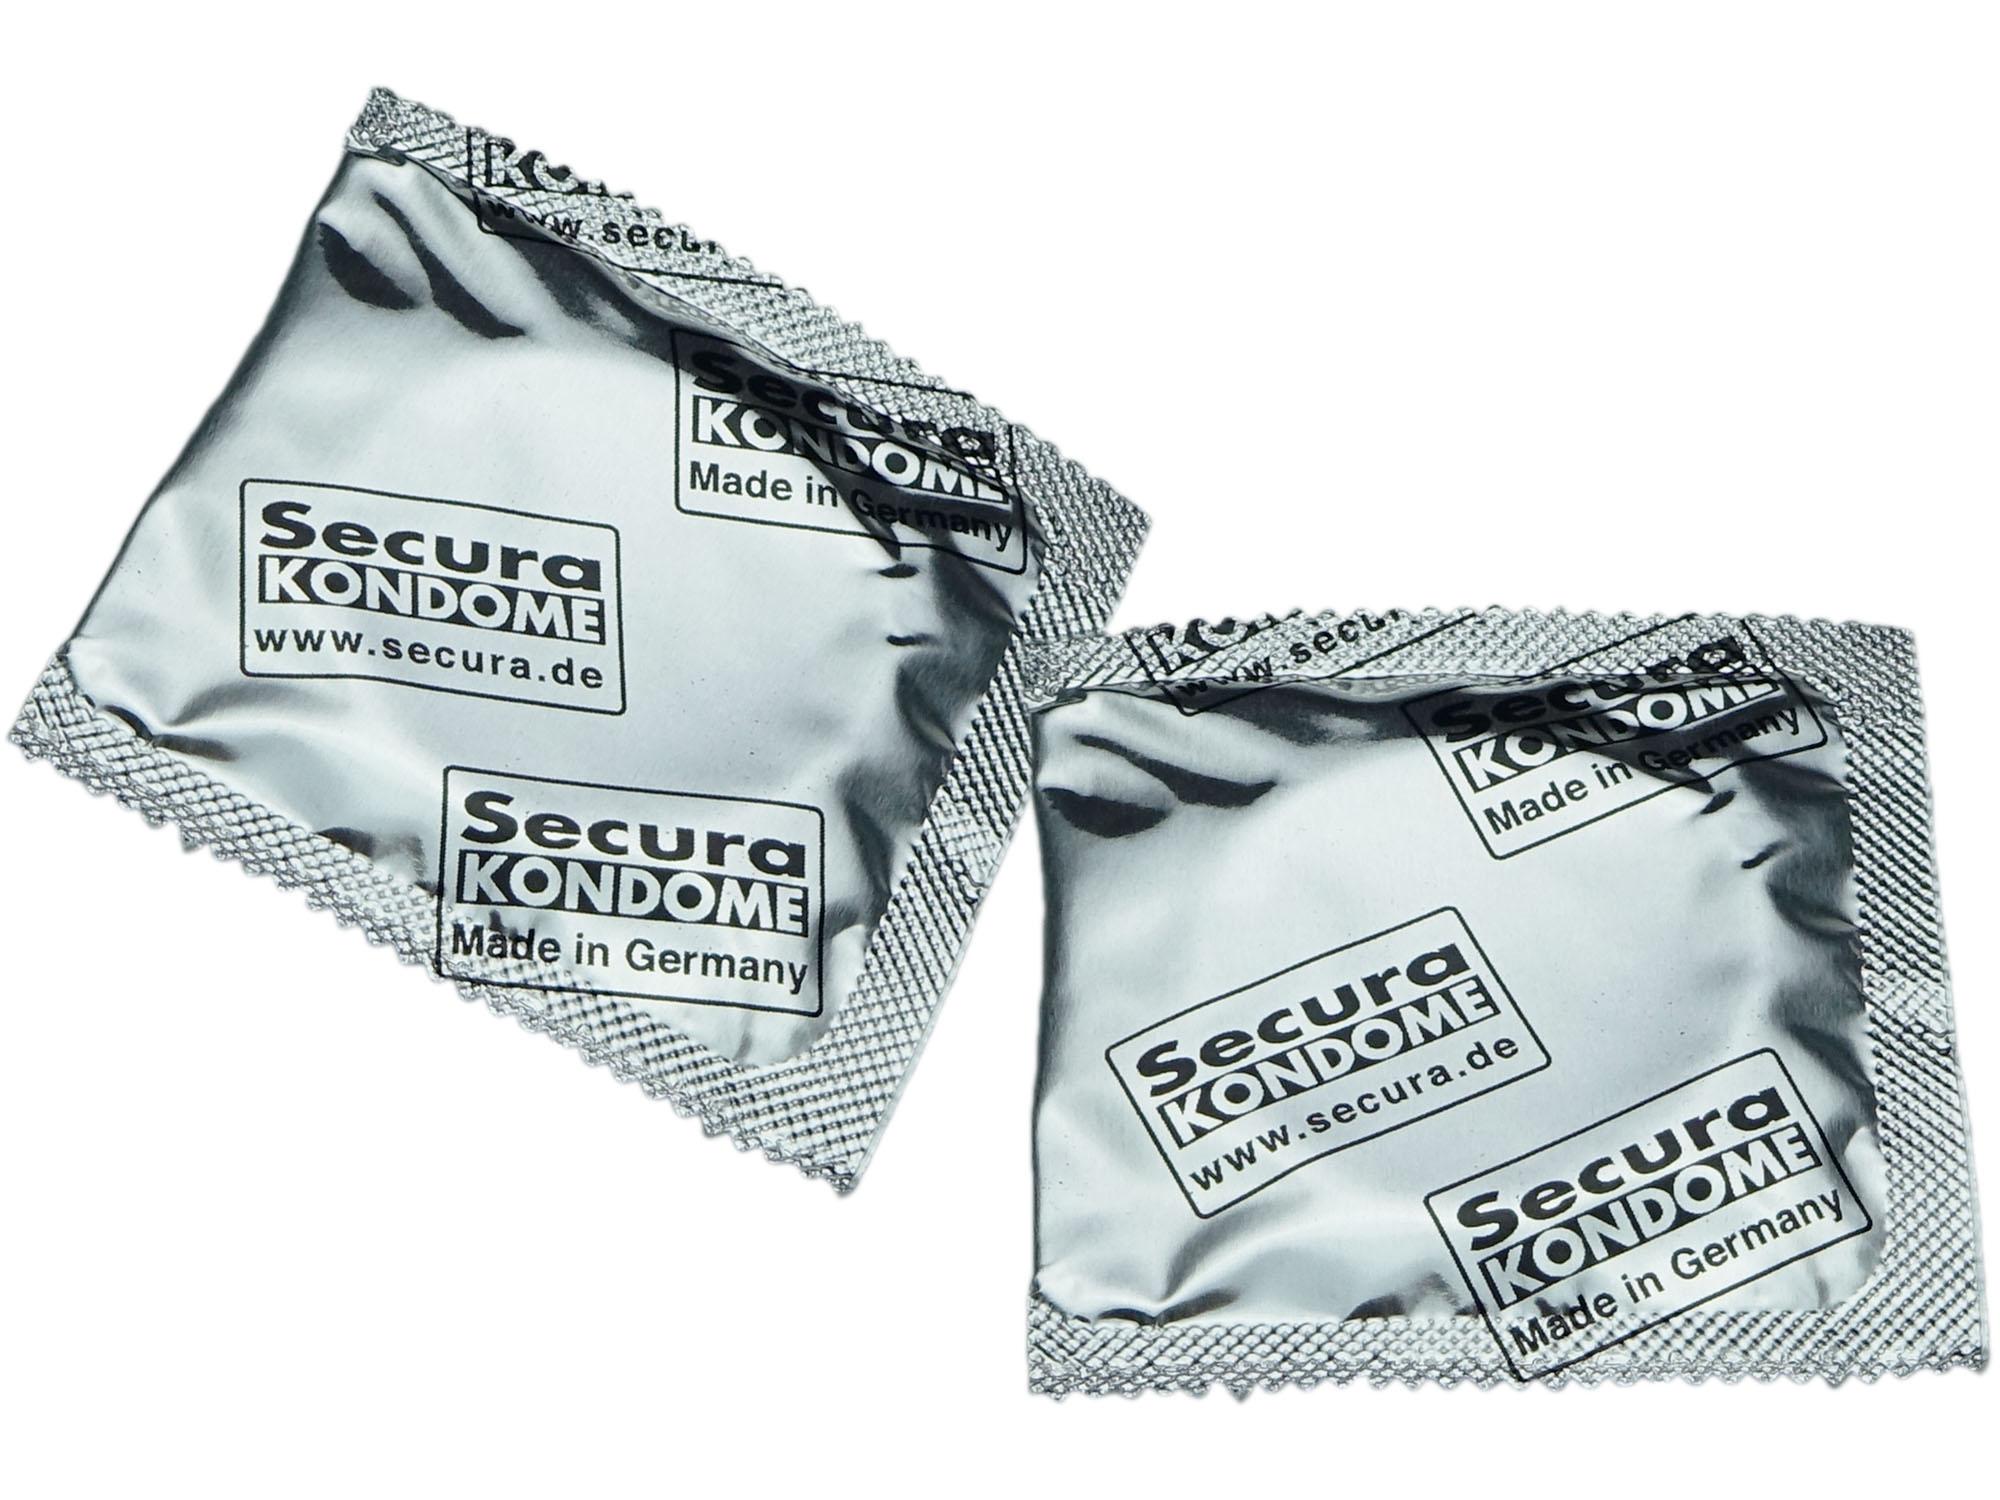 2er Pack Secura Kondome